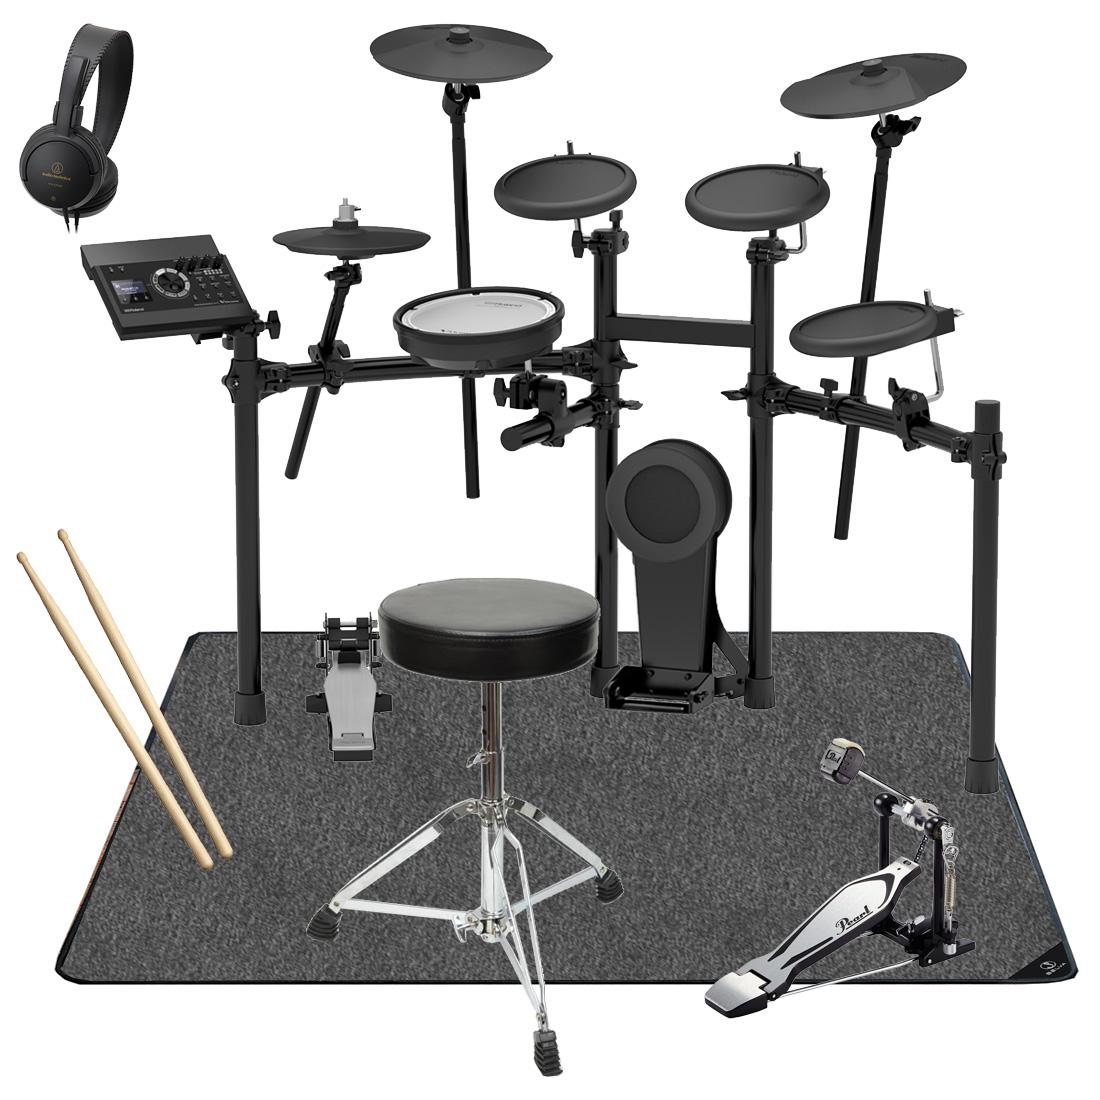 【Rolandキャッシュバック5000円対象】Roland 電子ドラム TD-17K-L-S オリジナルスターターパック マットセット【YRK】